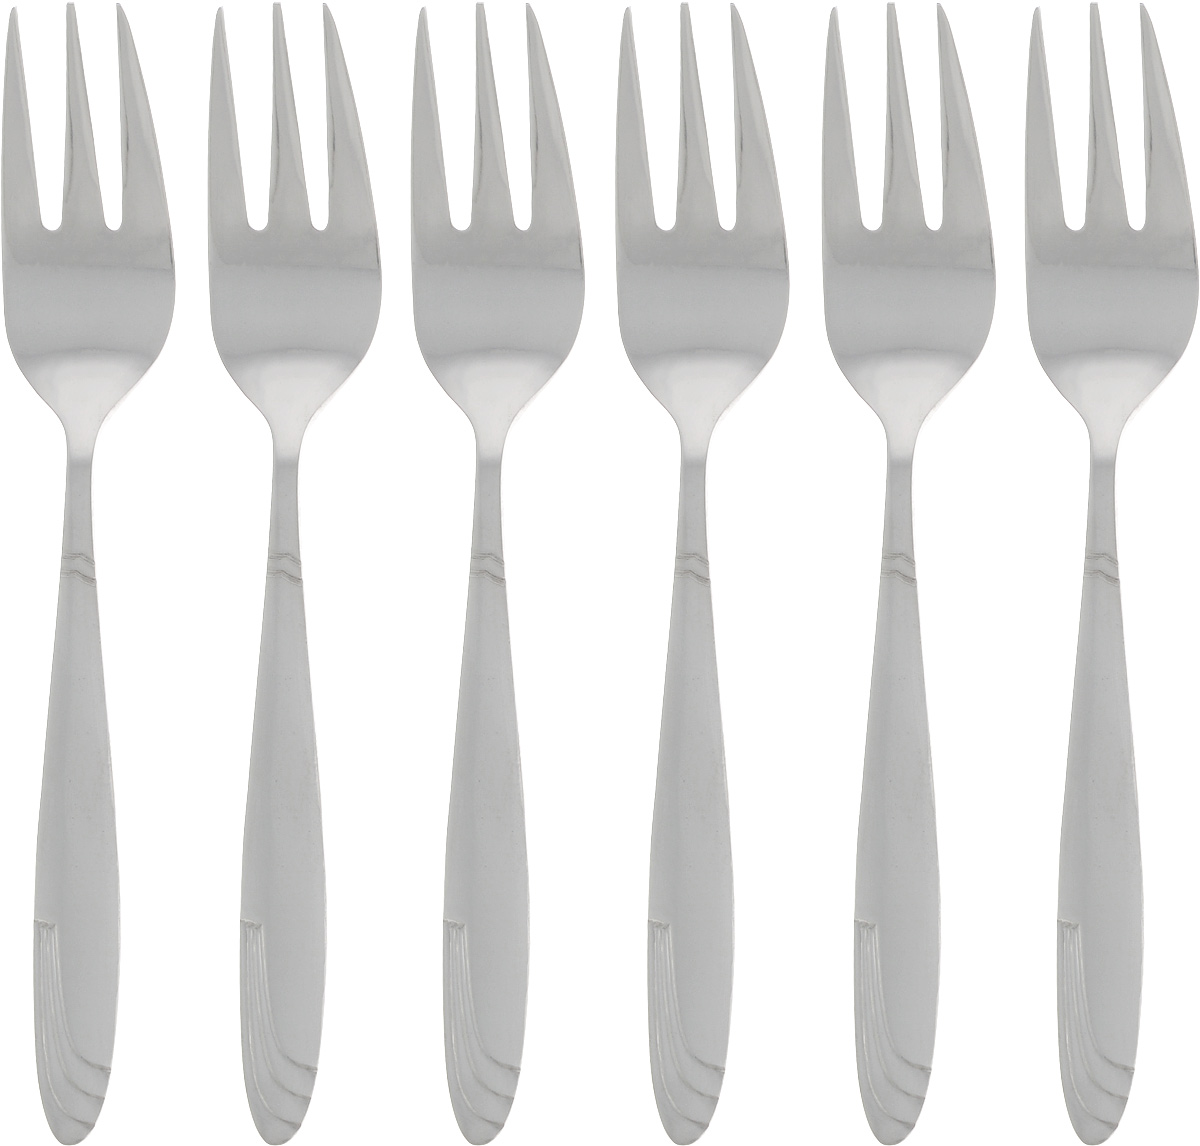 Набор десертных вилок Bohmann, 6 шт. BH-7406BH-7406_рисунок 2Набор десертных вилок Bohmann займет достойное место среди аксессуаров на вашей кухне. В набор входит 6 предметов. Вилки изготовлены из нержавеющей стали и имеют эргономичные ручки.Эффектный дизайн, качество изготовления и многофункциональность в использовании позволяют выделить десертные вилки Bohmann Длинная волна из ряда подобных.Длина вилок: 14 см.Размер рабочей части: 5 х 2,2 см.